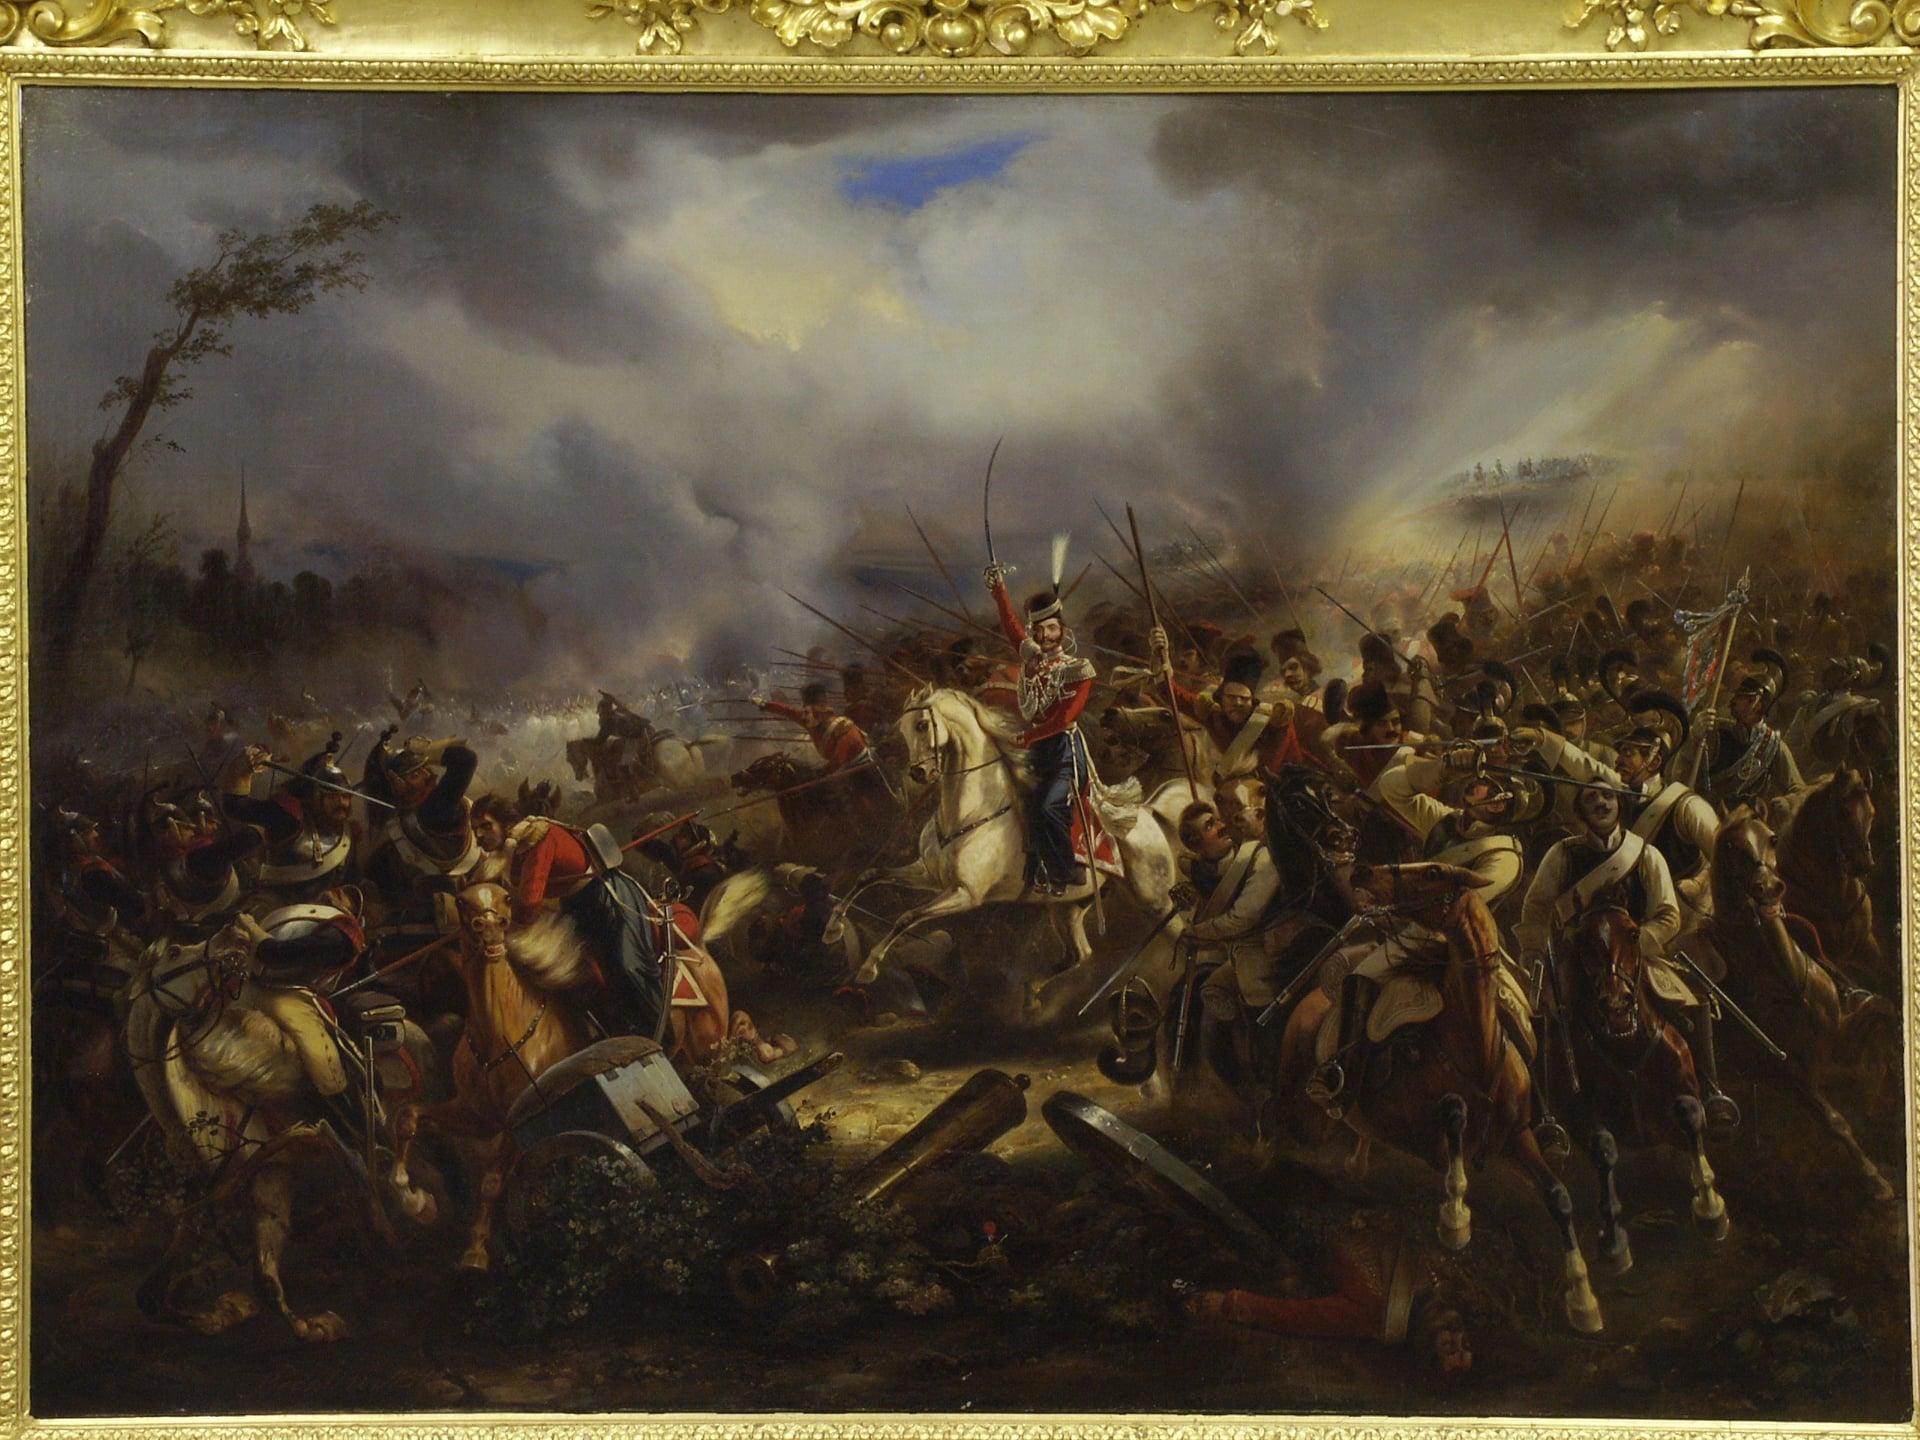 17 октября (по старому стилю), полковой праздник Лейб-гвардии казачьего Его Величества полка, который ведет свою историю от Донской казачьей команды, присланной к императорскому двору 20 апреля 1775 г. в правление Екатерины II.